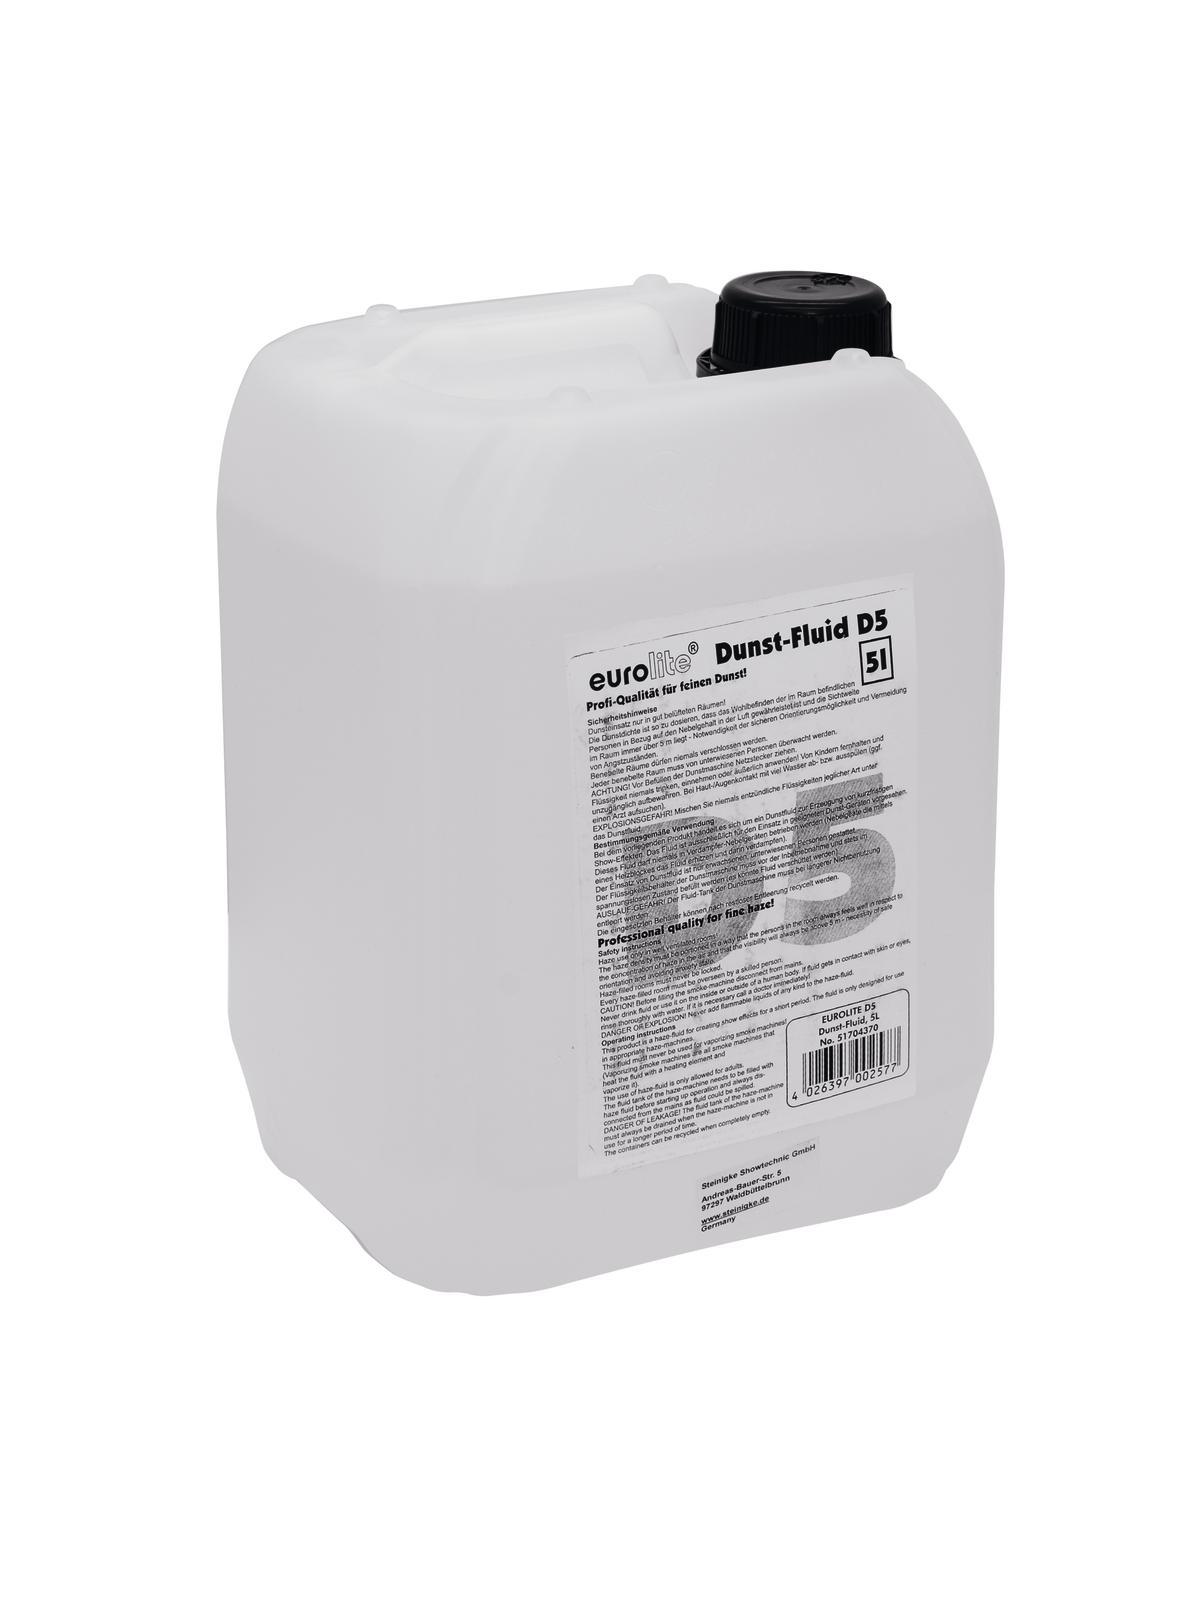 EUROLITE D-5 Dunst-Fluid 5 Liter für Hazer